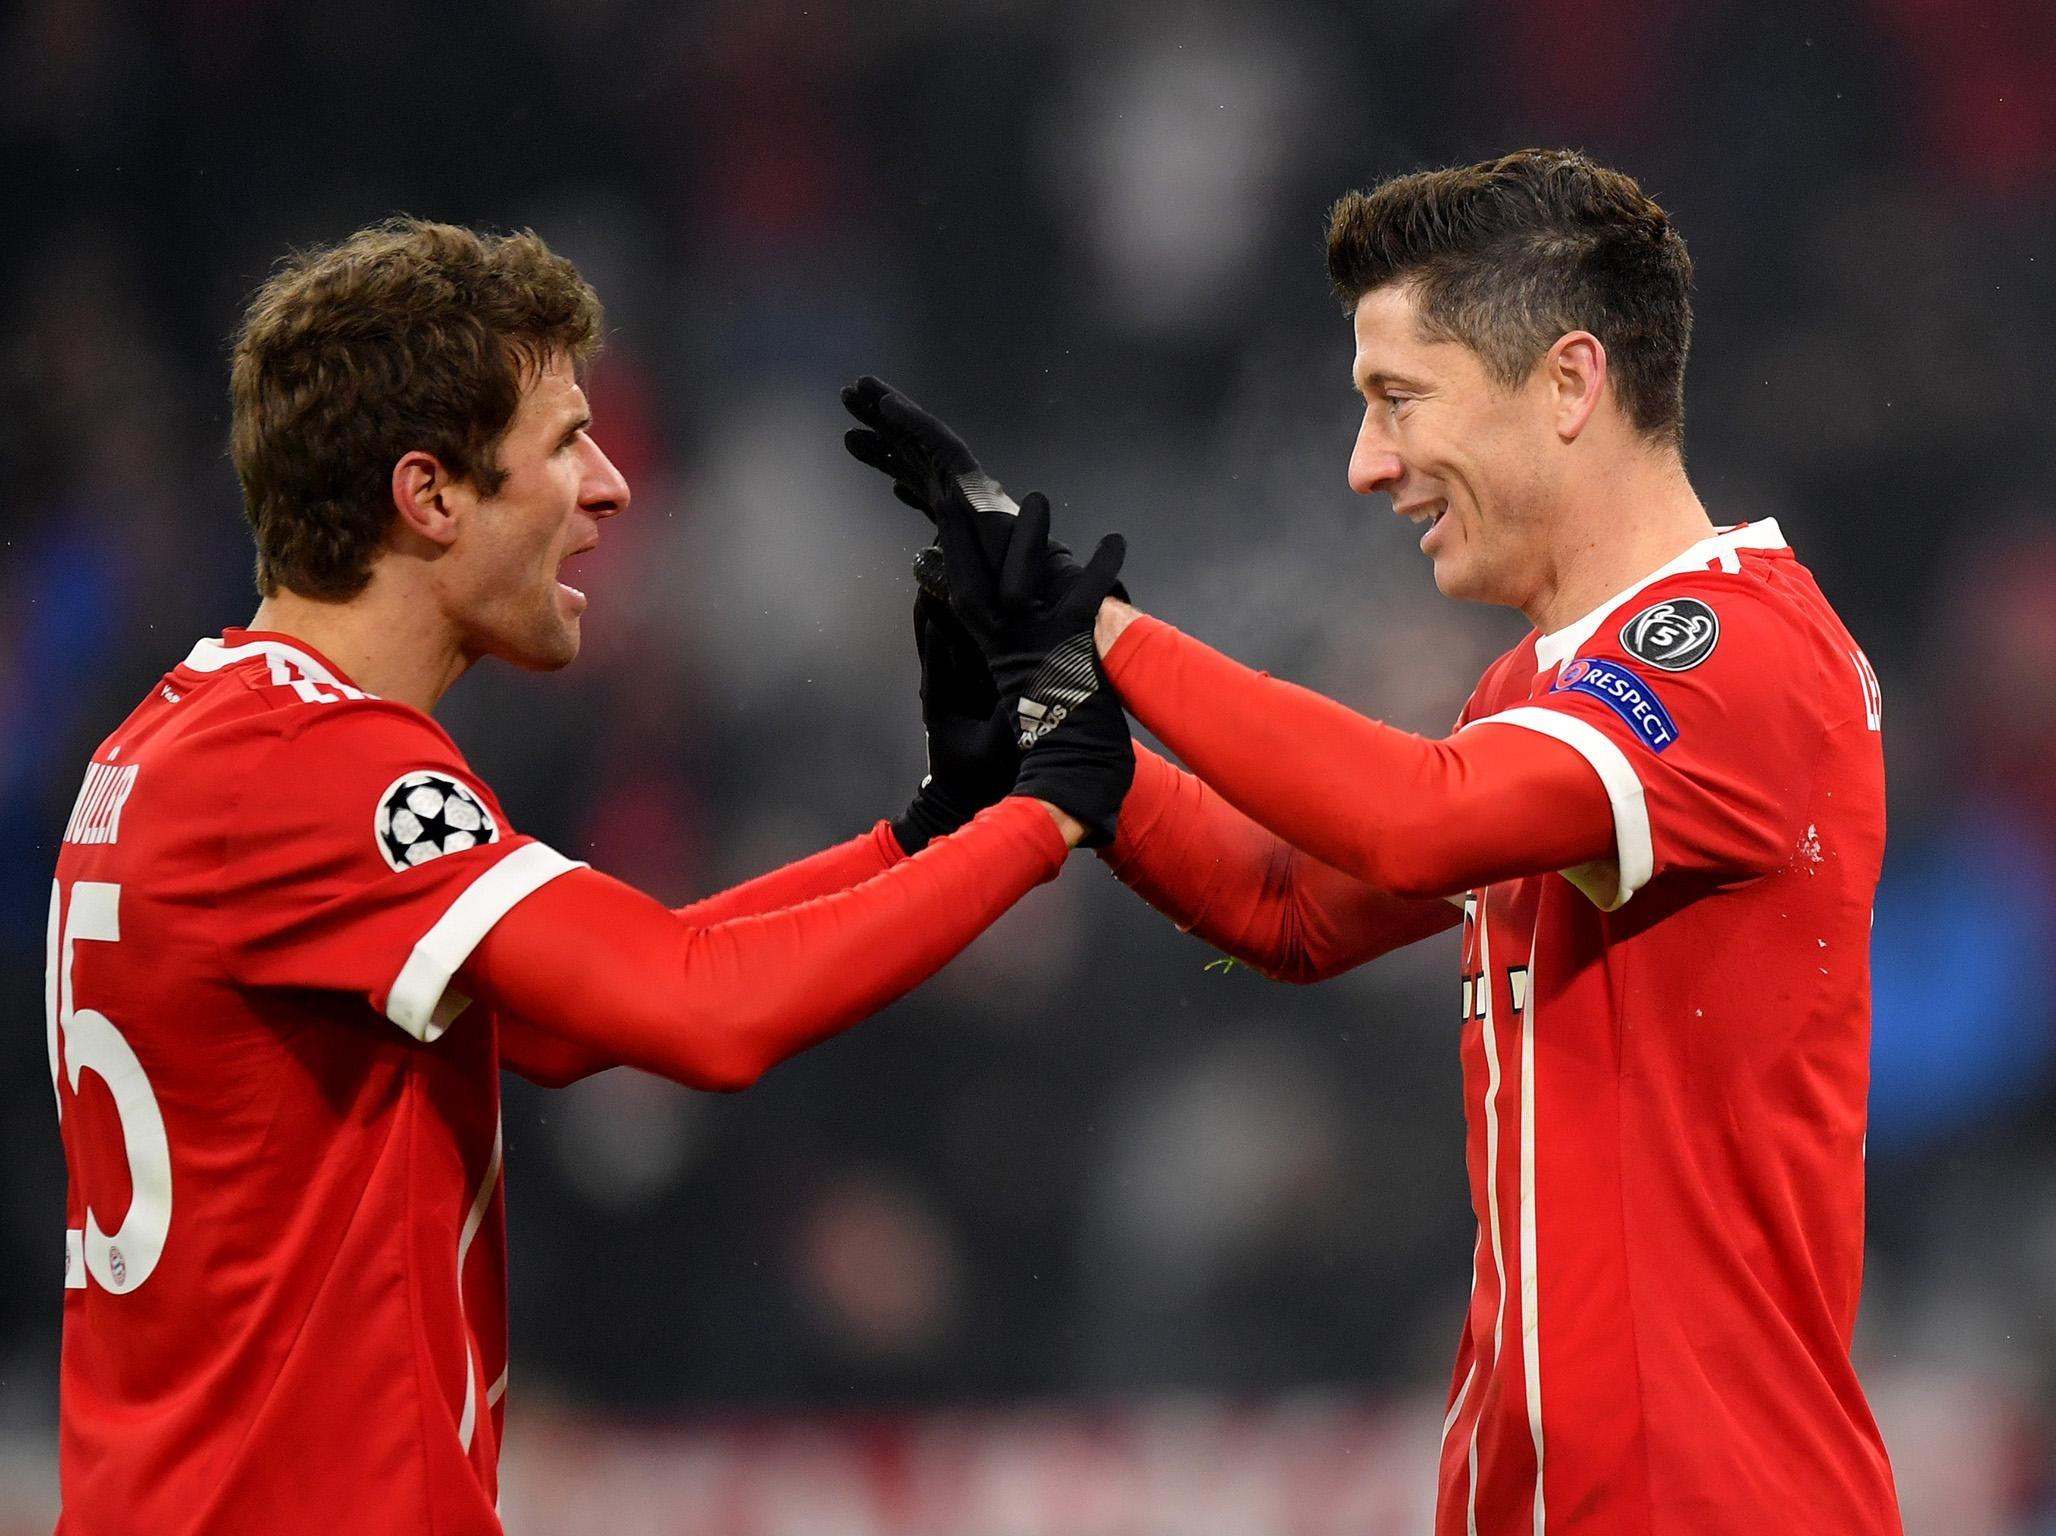 Bayern Monachium w dobrej formie przed meczem z BVB